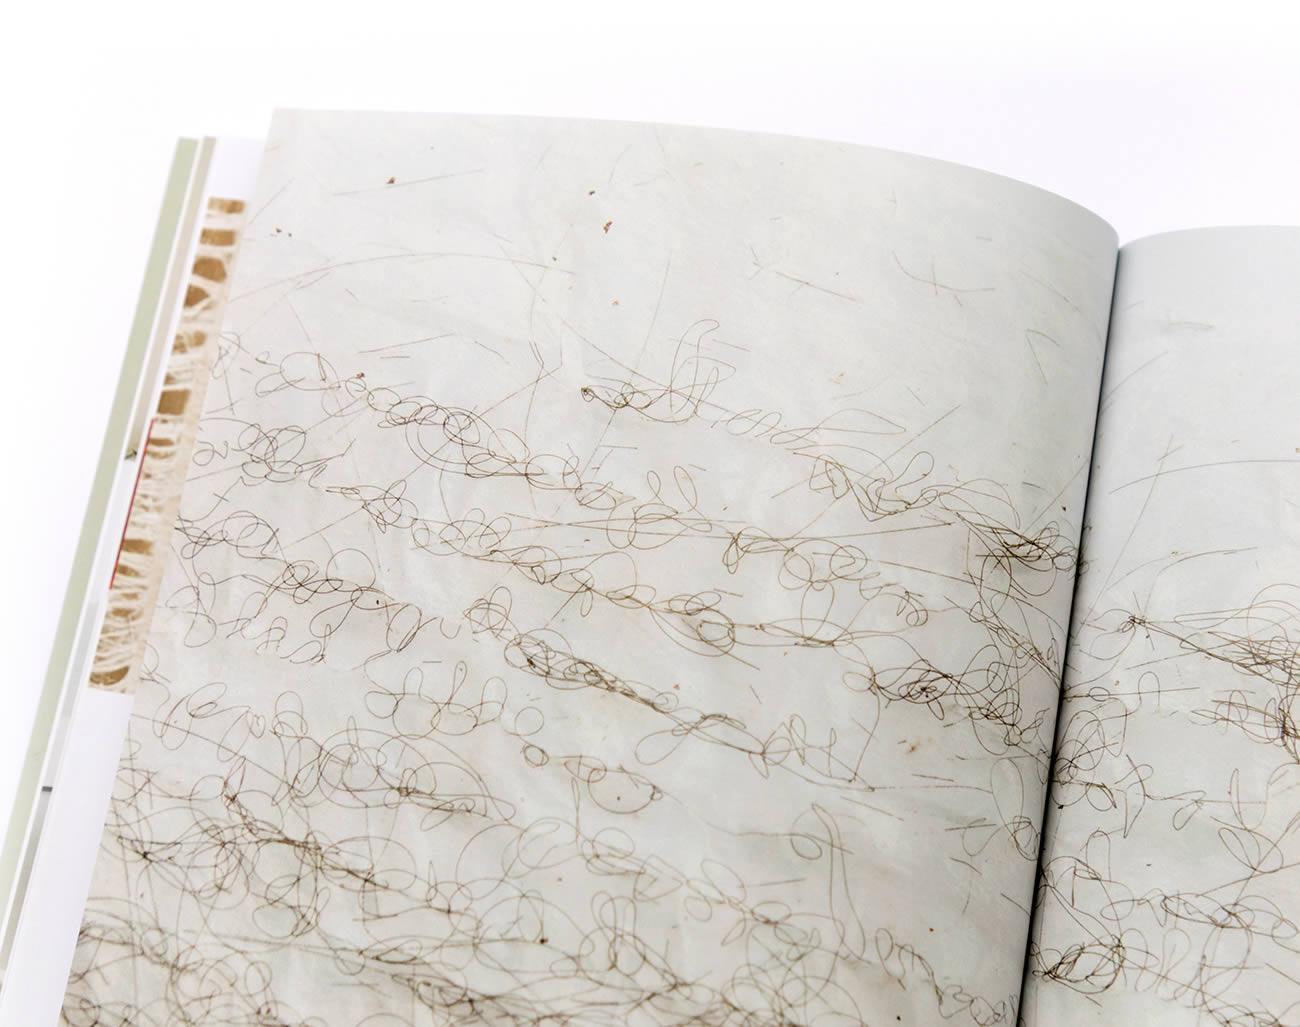 Petra Zimmerer, Büro für Gestaltung, Print, Broschüre, Sabine Neubauer, Werkübersicht, Katalog, Design by pz